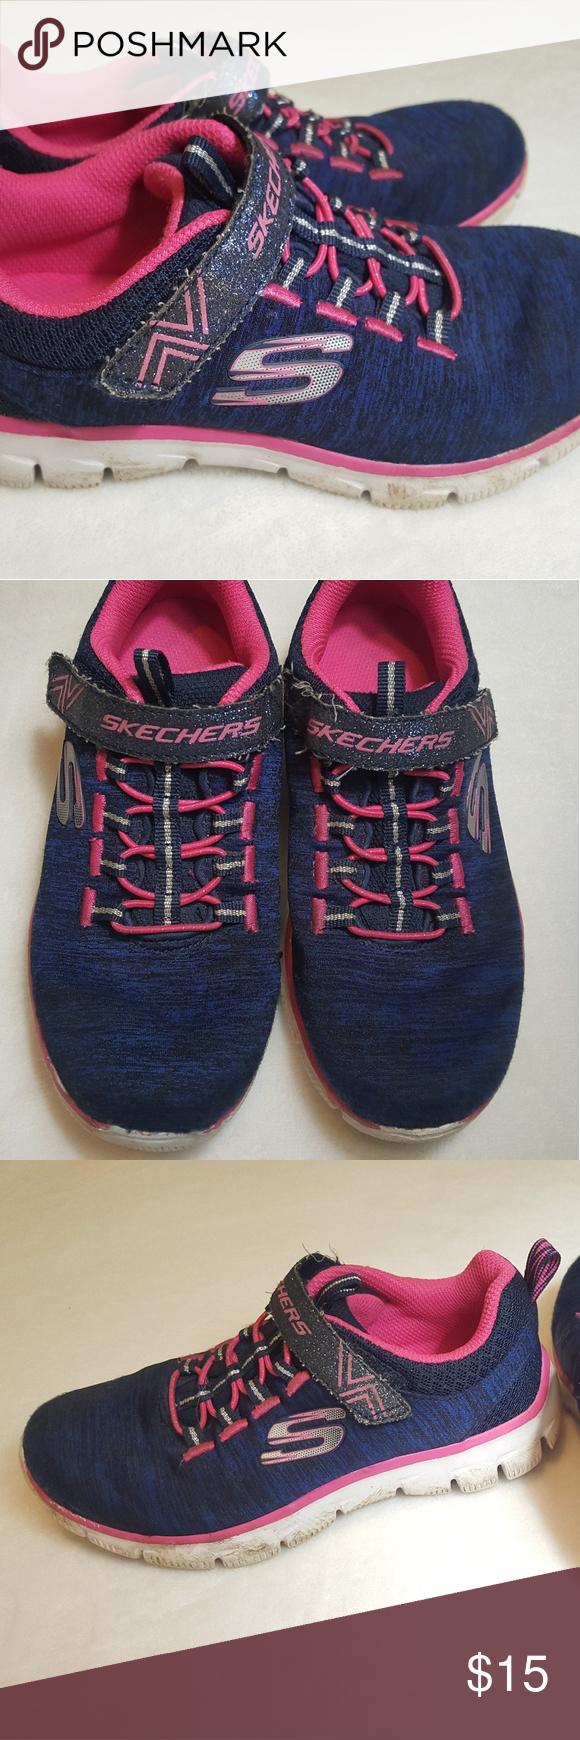 Skechers navy/pink girls sneaker size